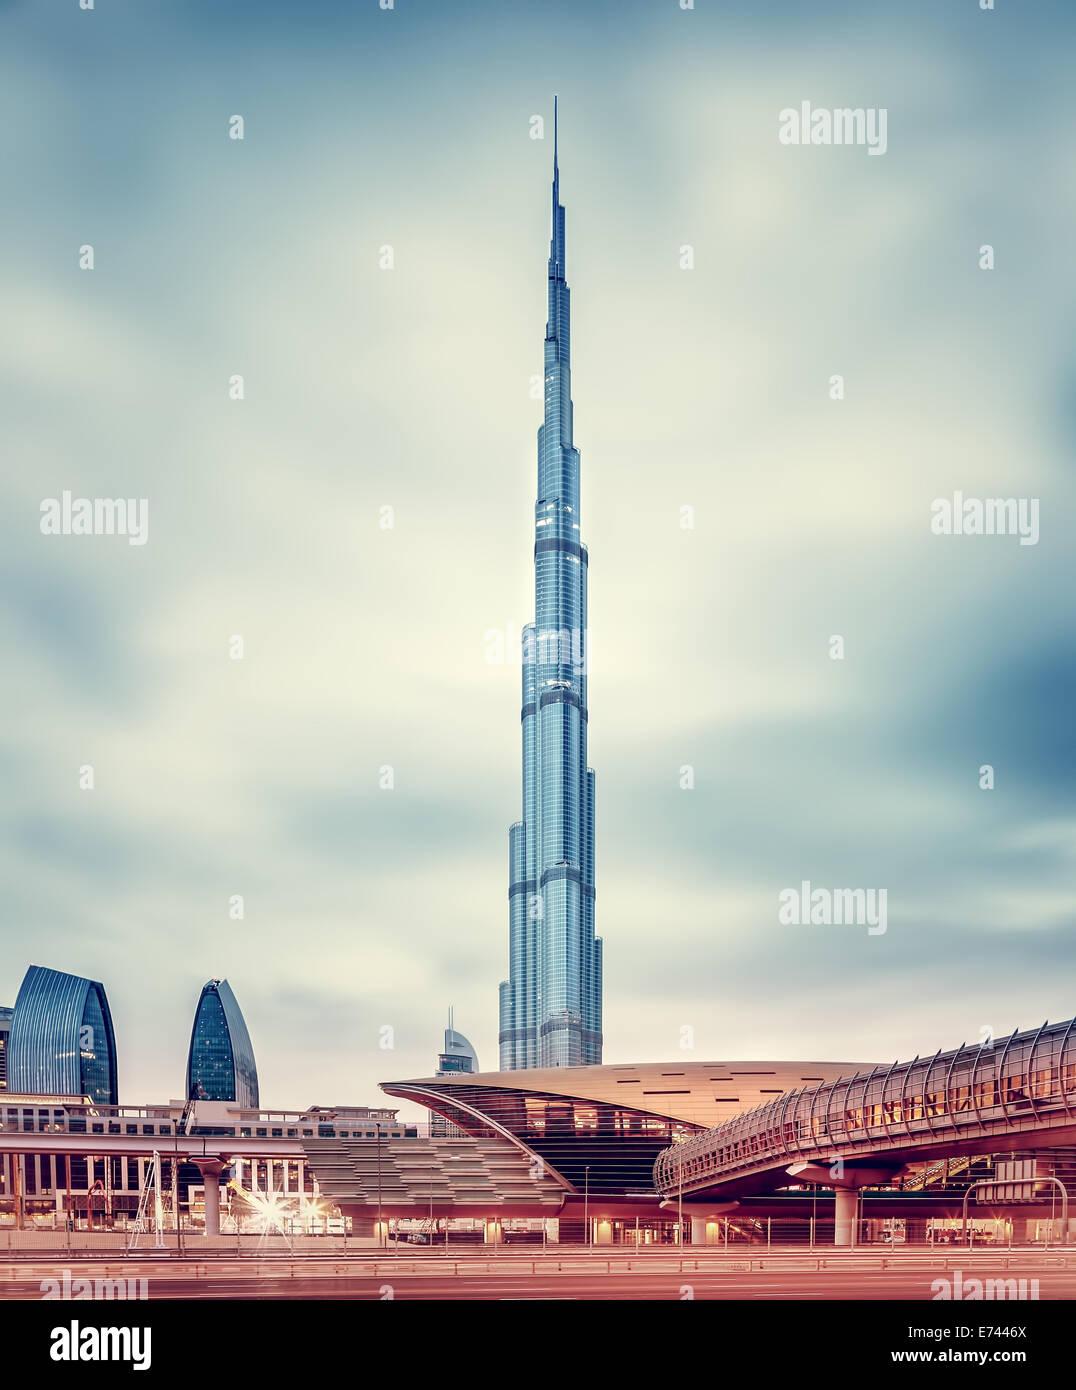 DUBAI, Emirati Arabi Uniti - 09 febbraio: Burj Khalifa, più alte del mondo torre a 828m, situato in centro, Immagini Stock